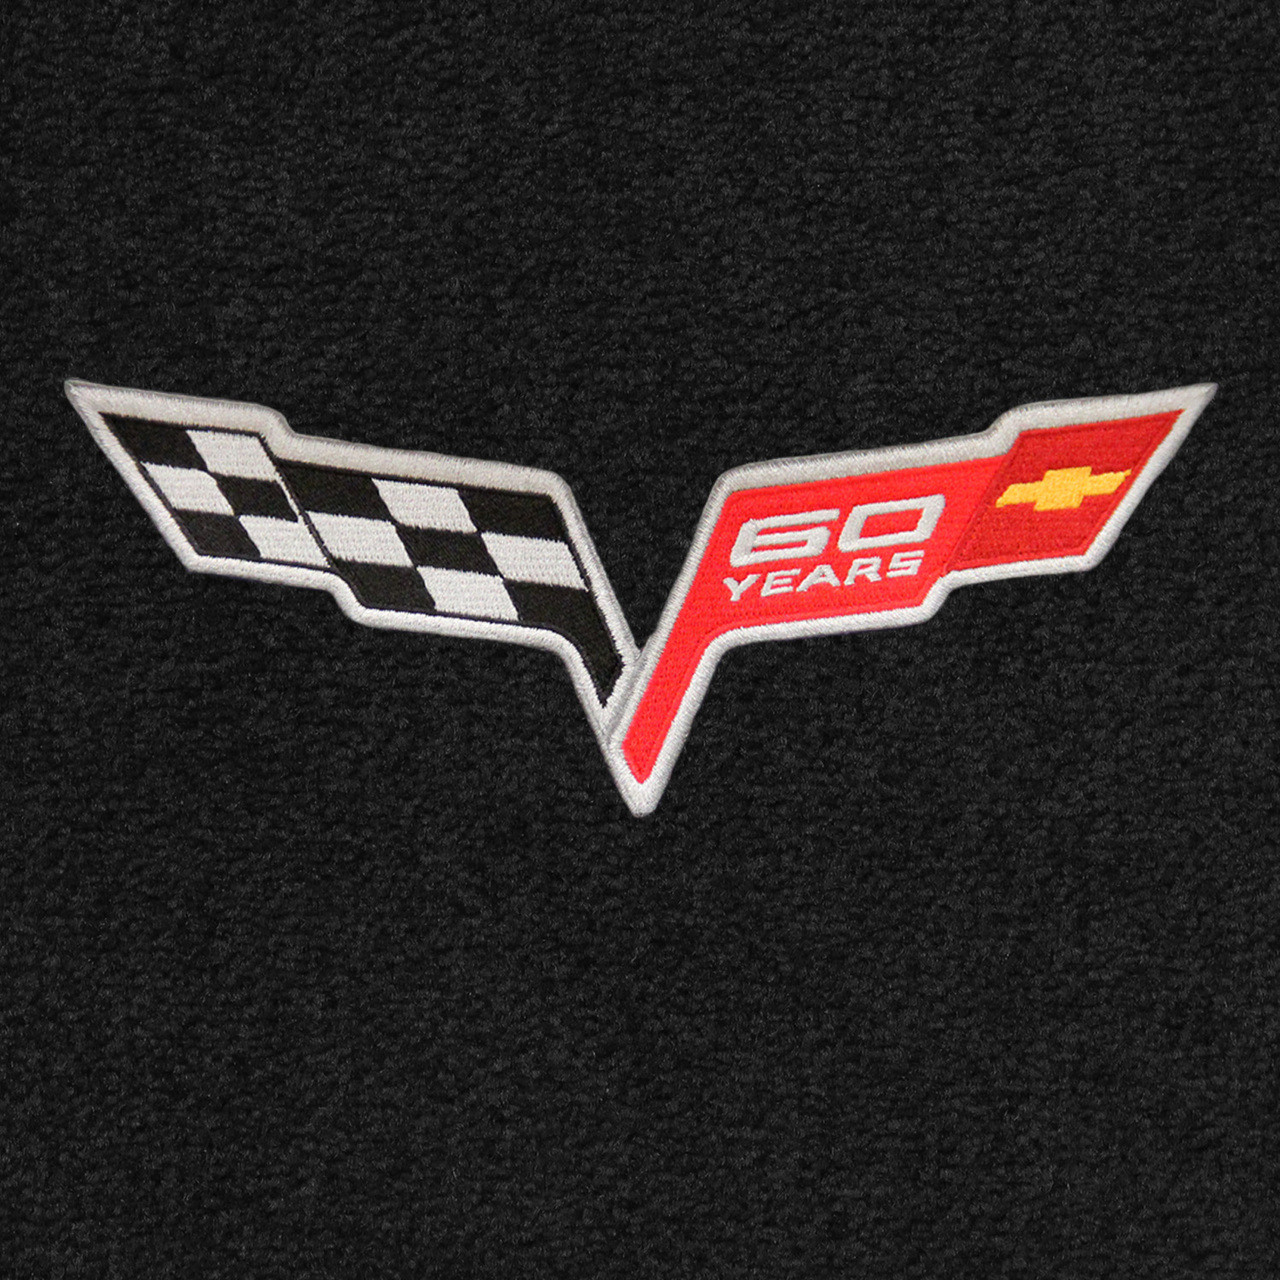 C6 60 Years 60th Anniversary Logo